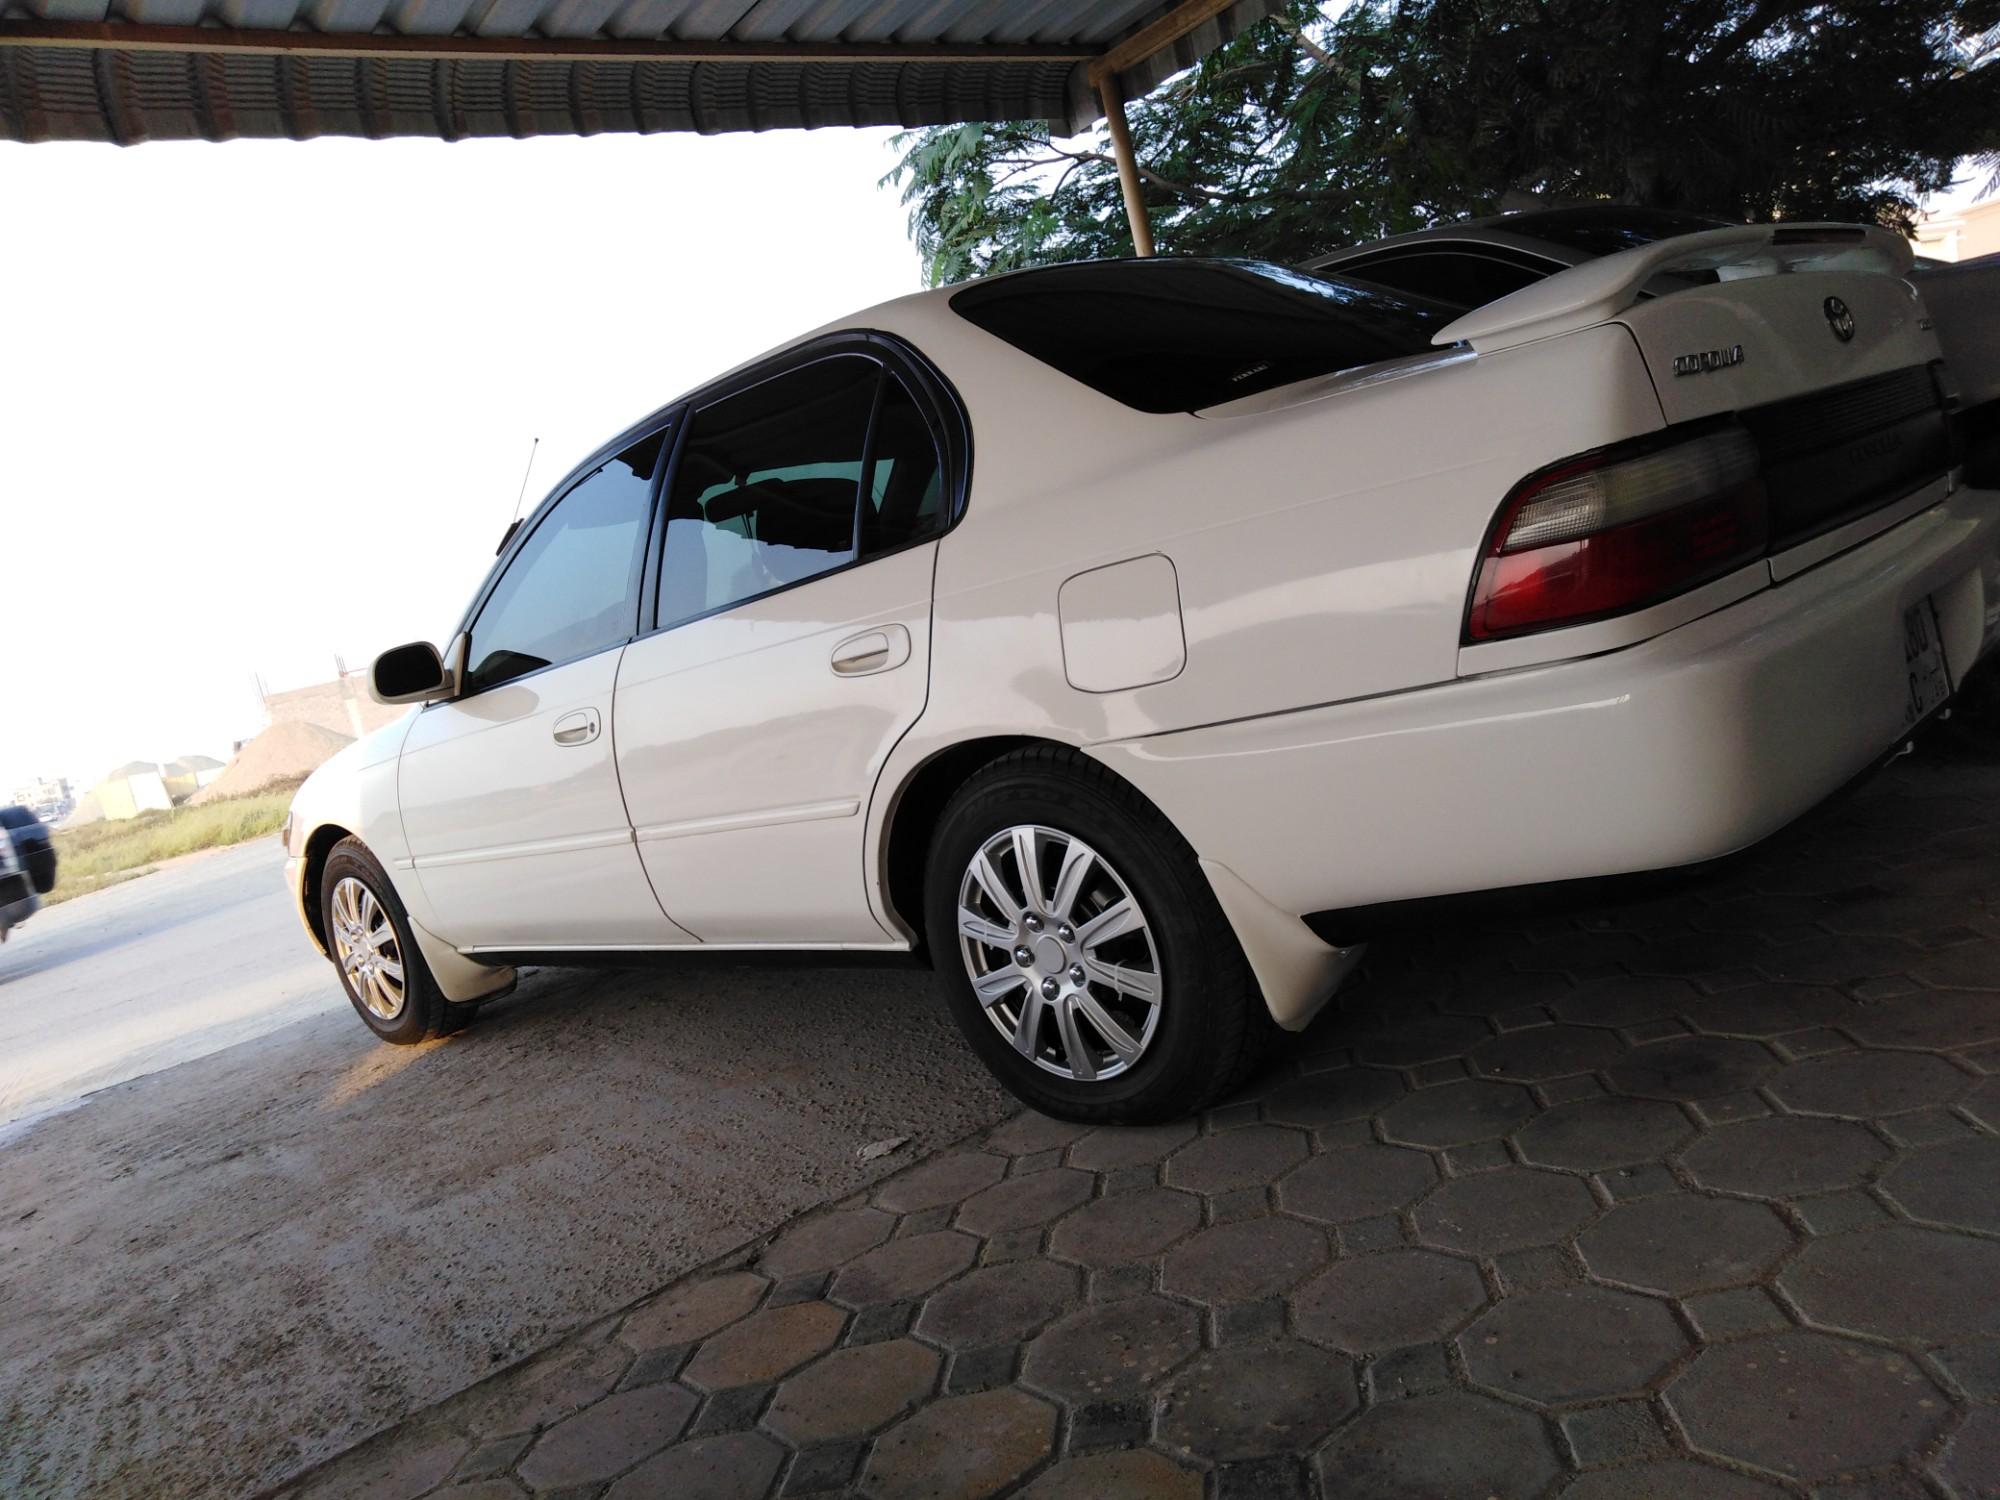 Kelebihan Kekurangan Corolla 1997 Murah Berkualitas